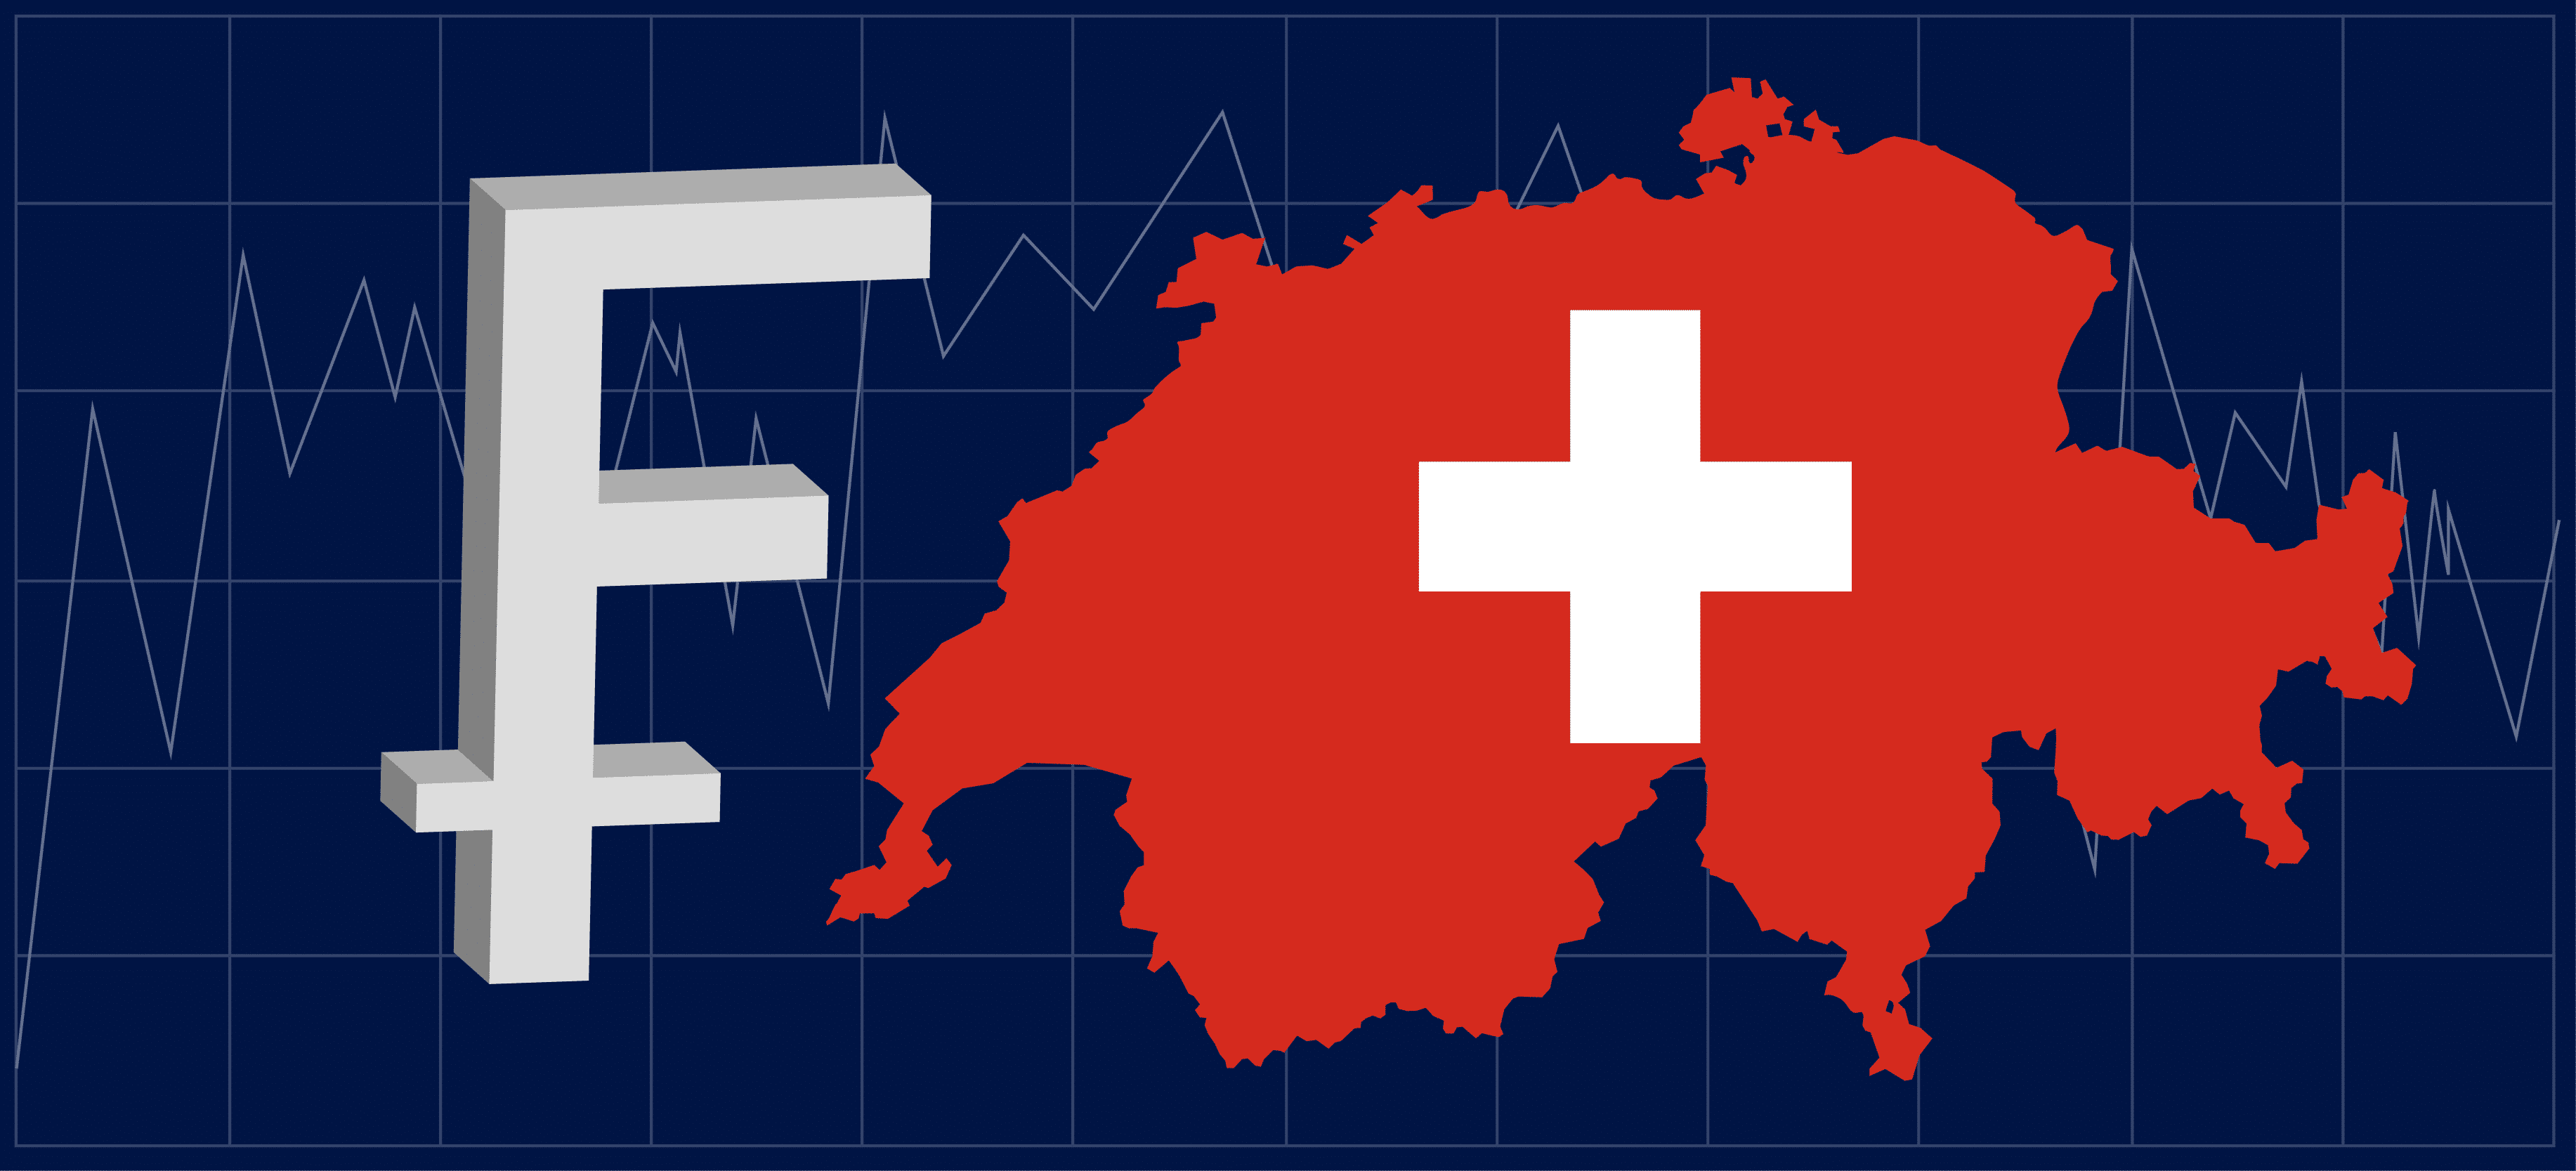 Franc Swiss, CHF, forex